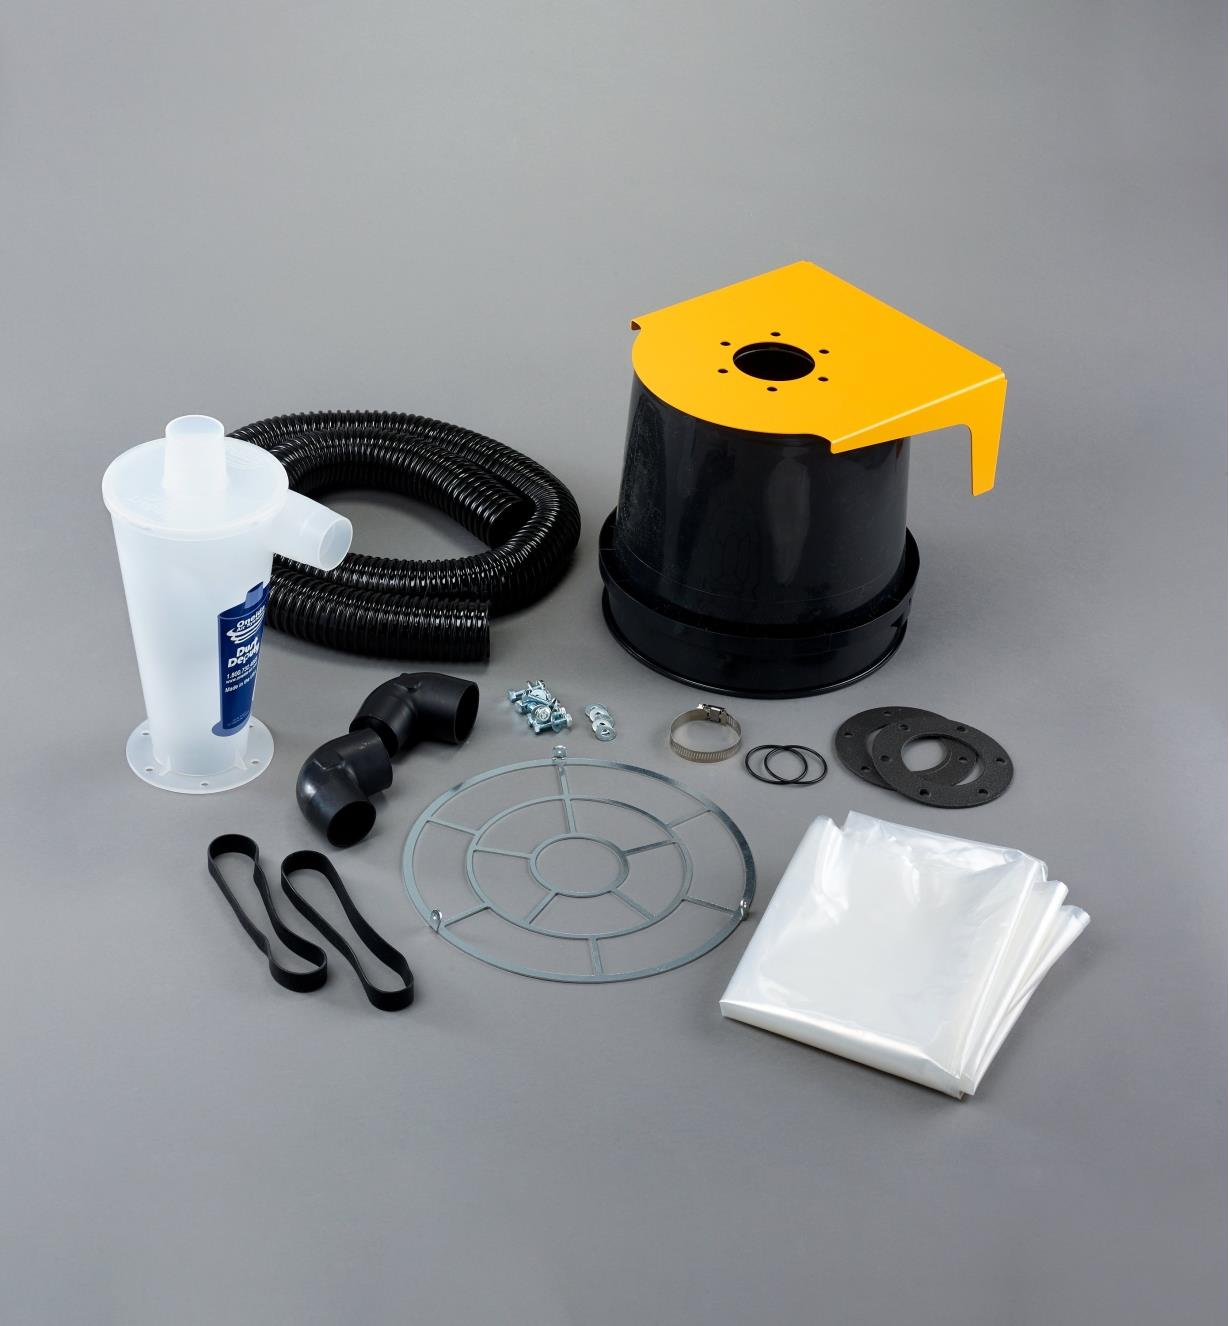 03J0215 - Ensacheuse pour aspirateur d'atelier Dust Deputy